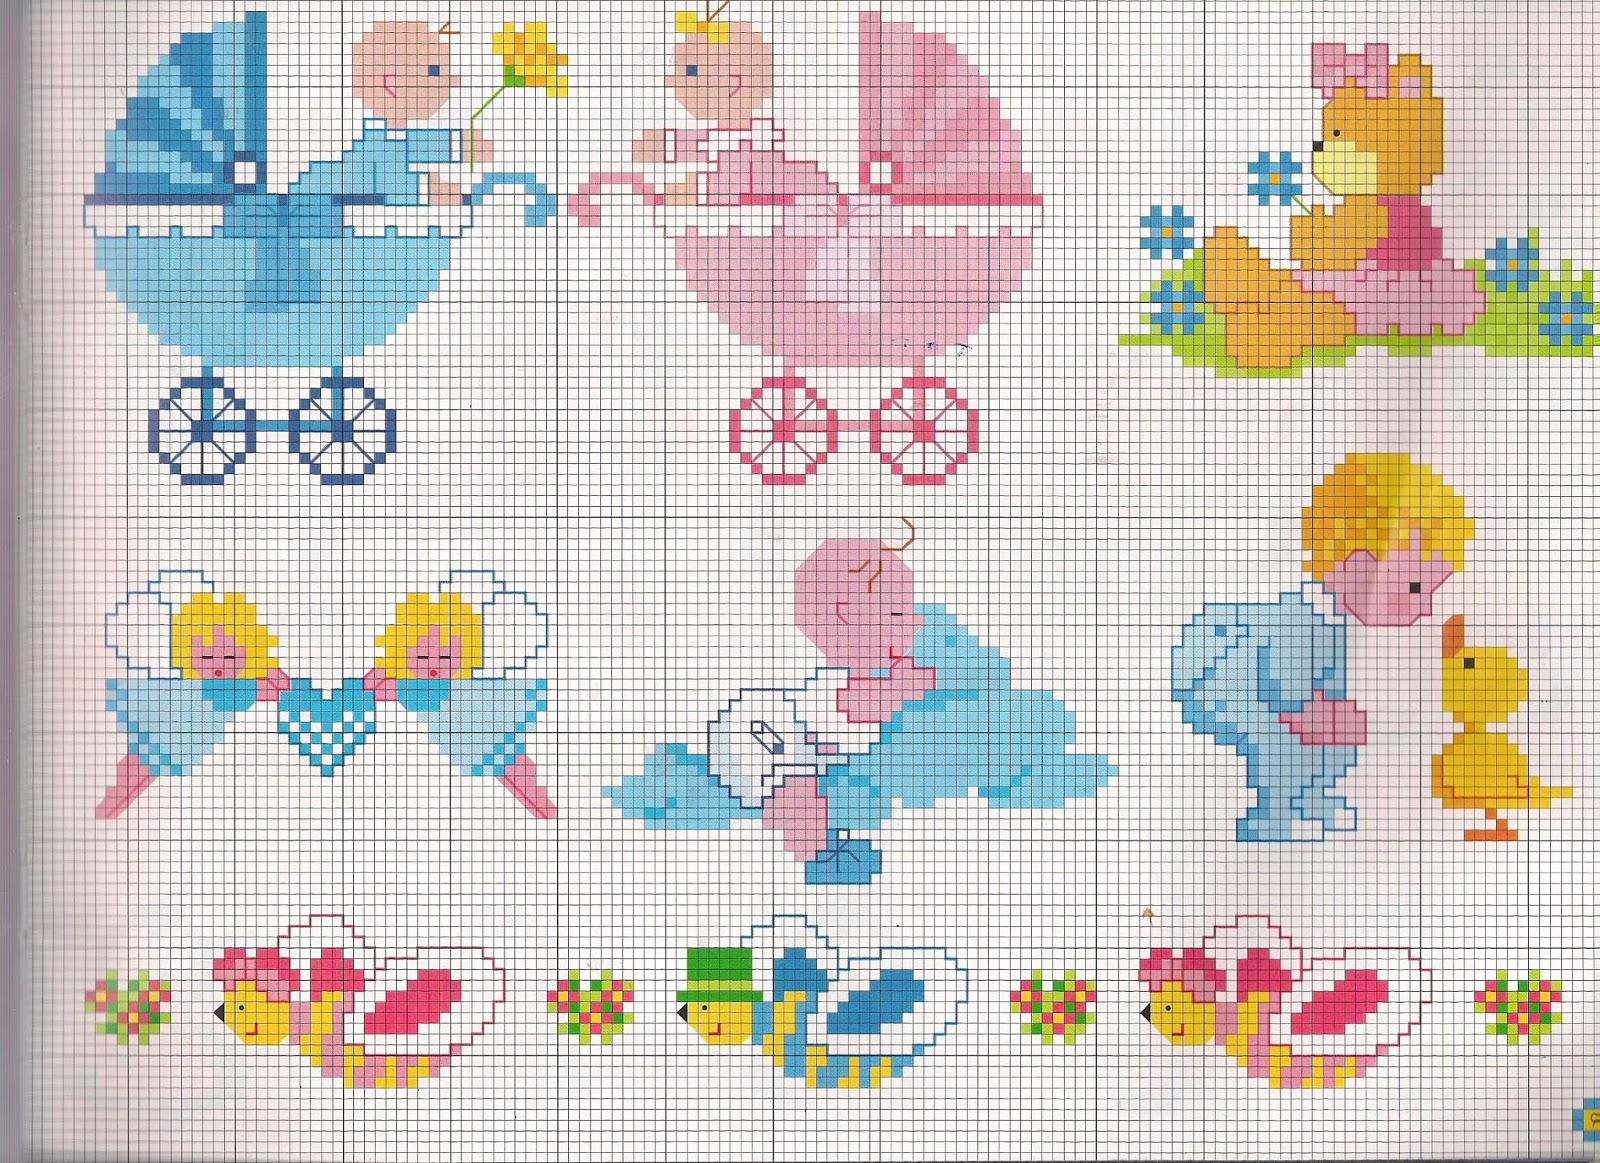 Disegni a punto croce per lenzuolini lenzuolini per for Disegni punto croce per lenzuolini neonati